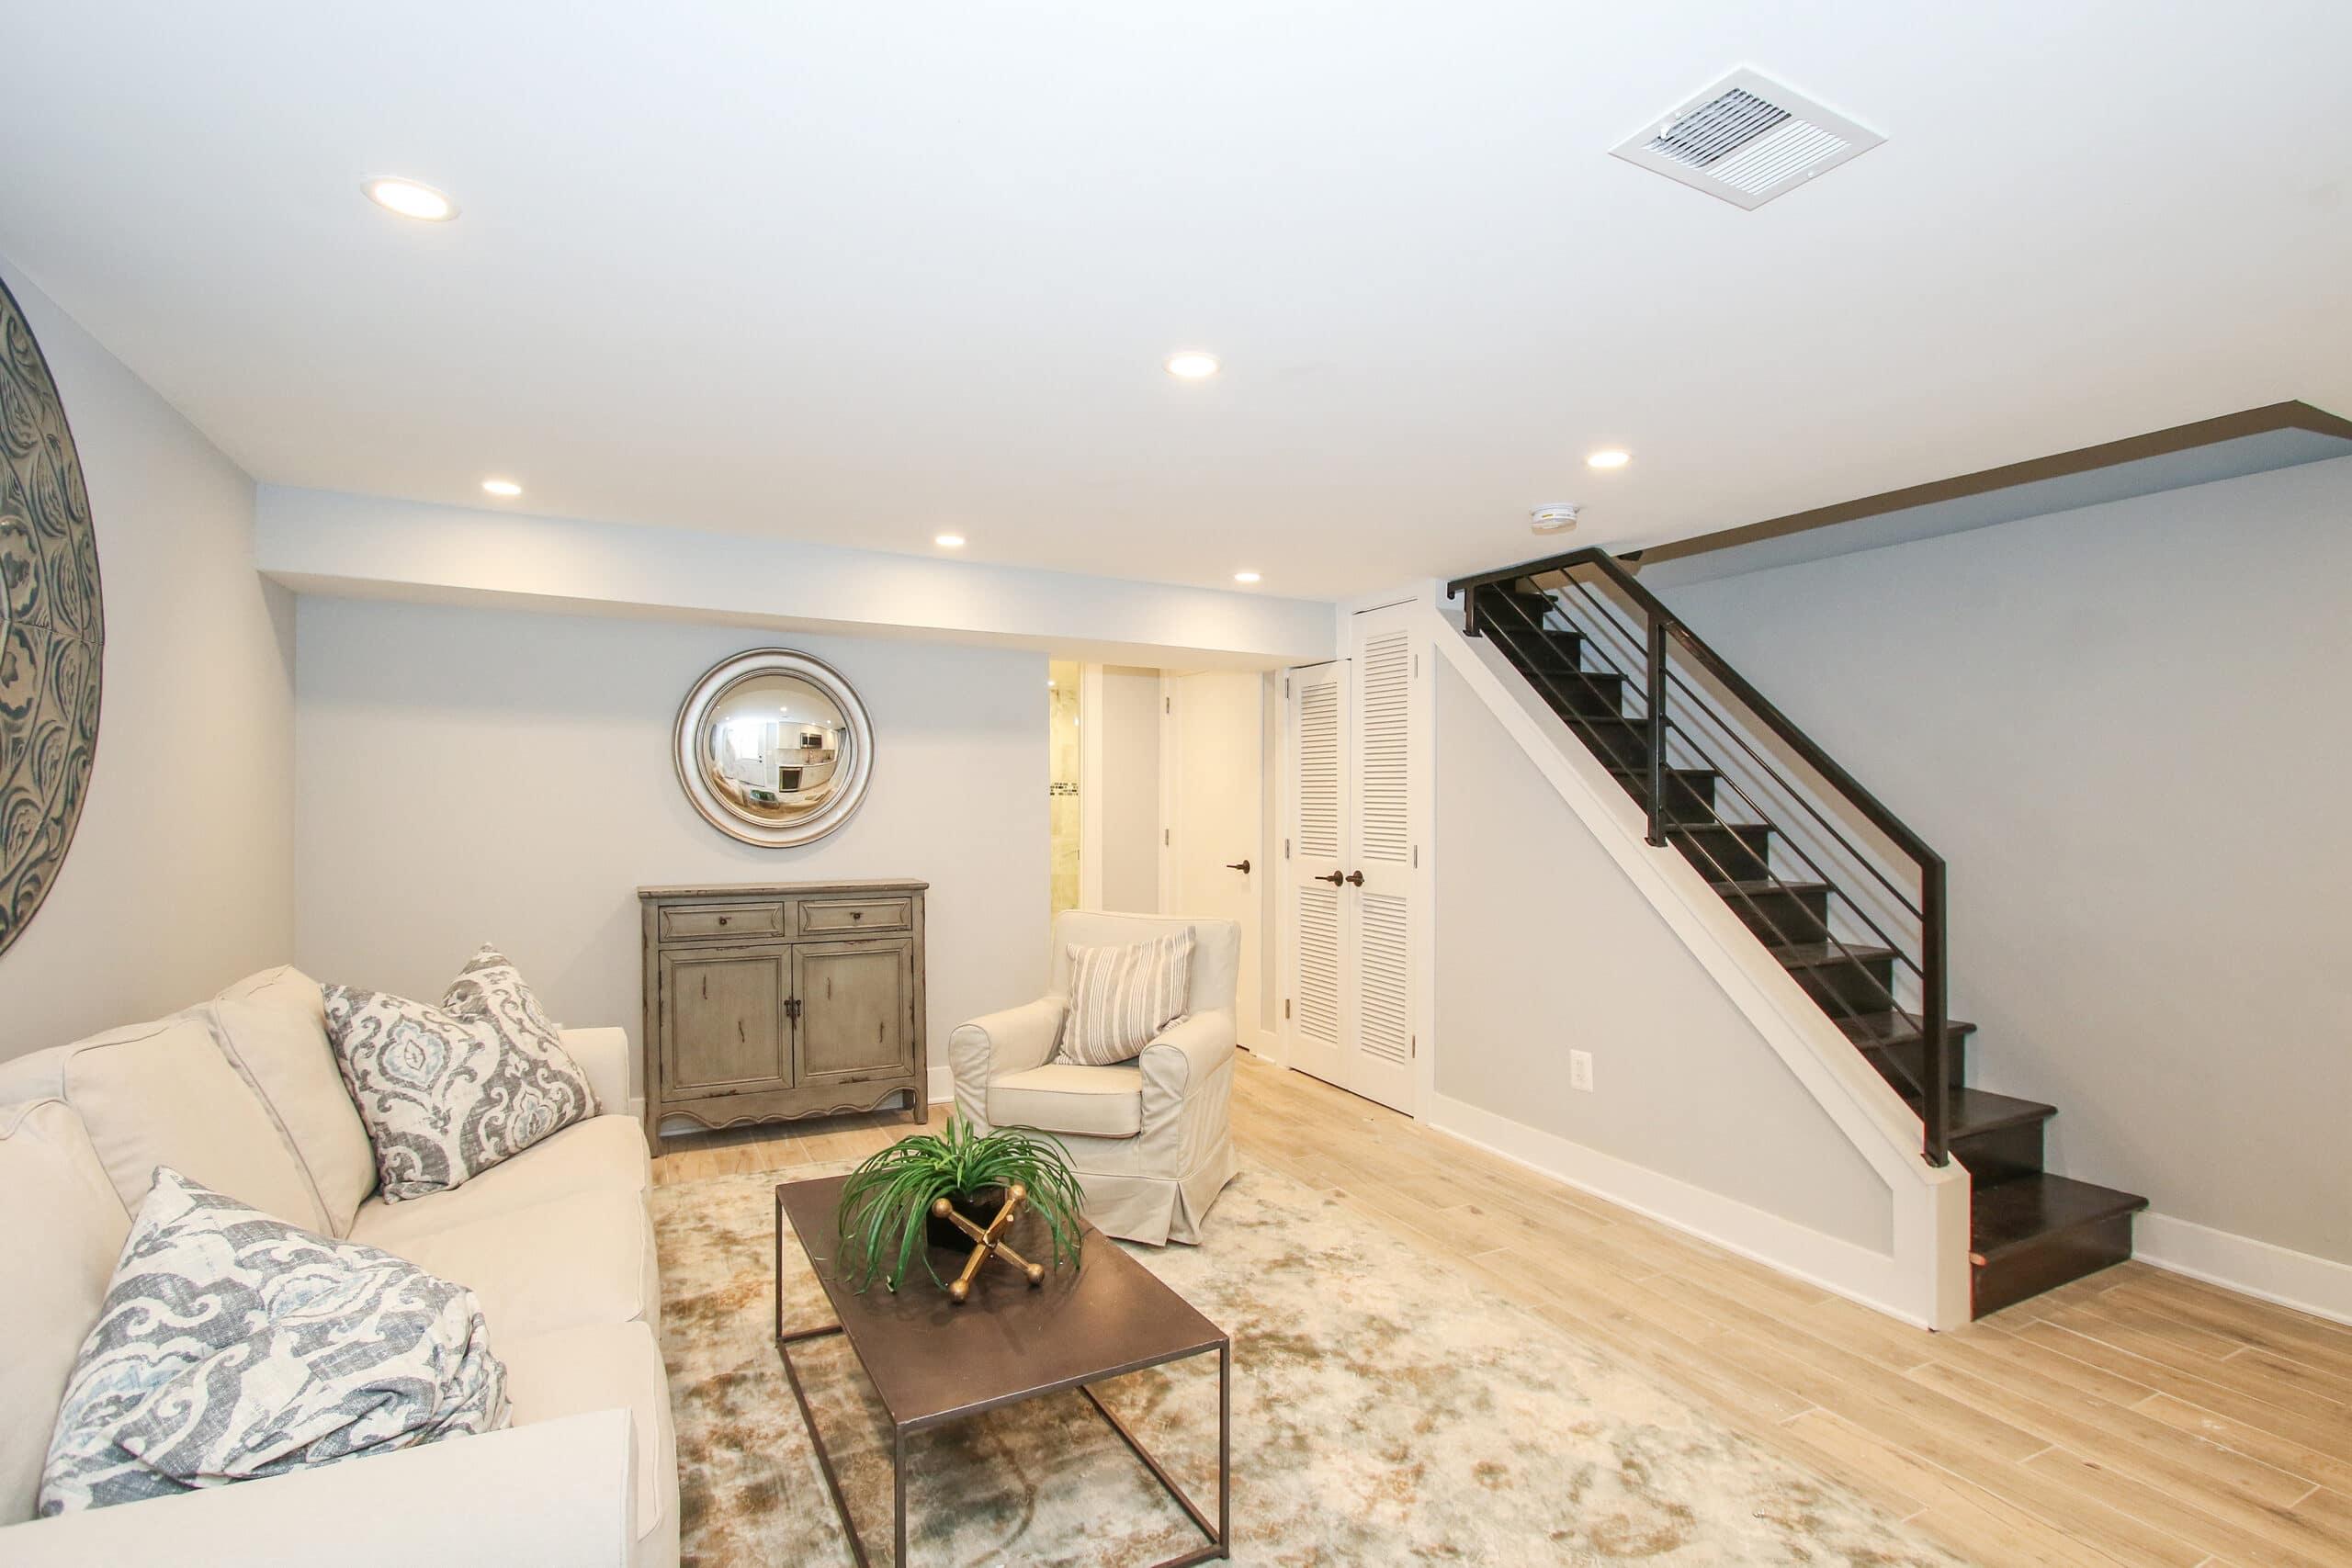 basement remodeling trends 2021